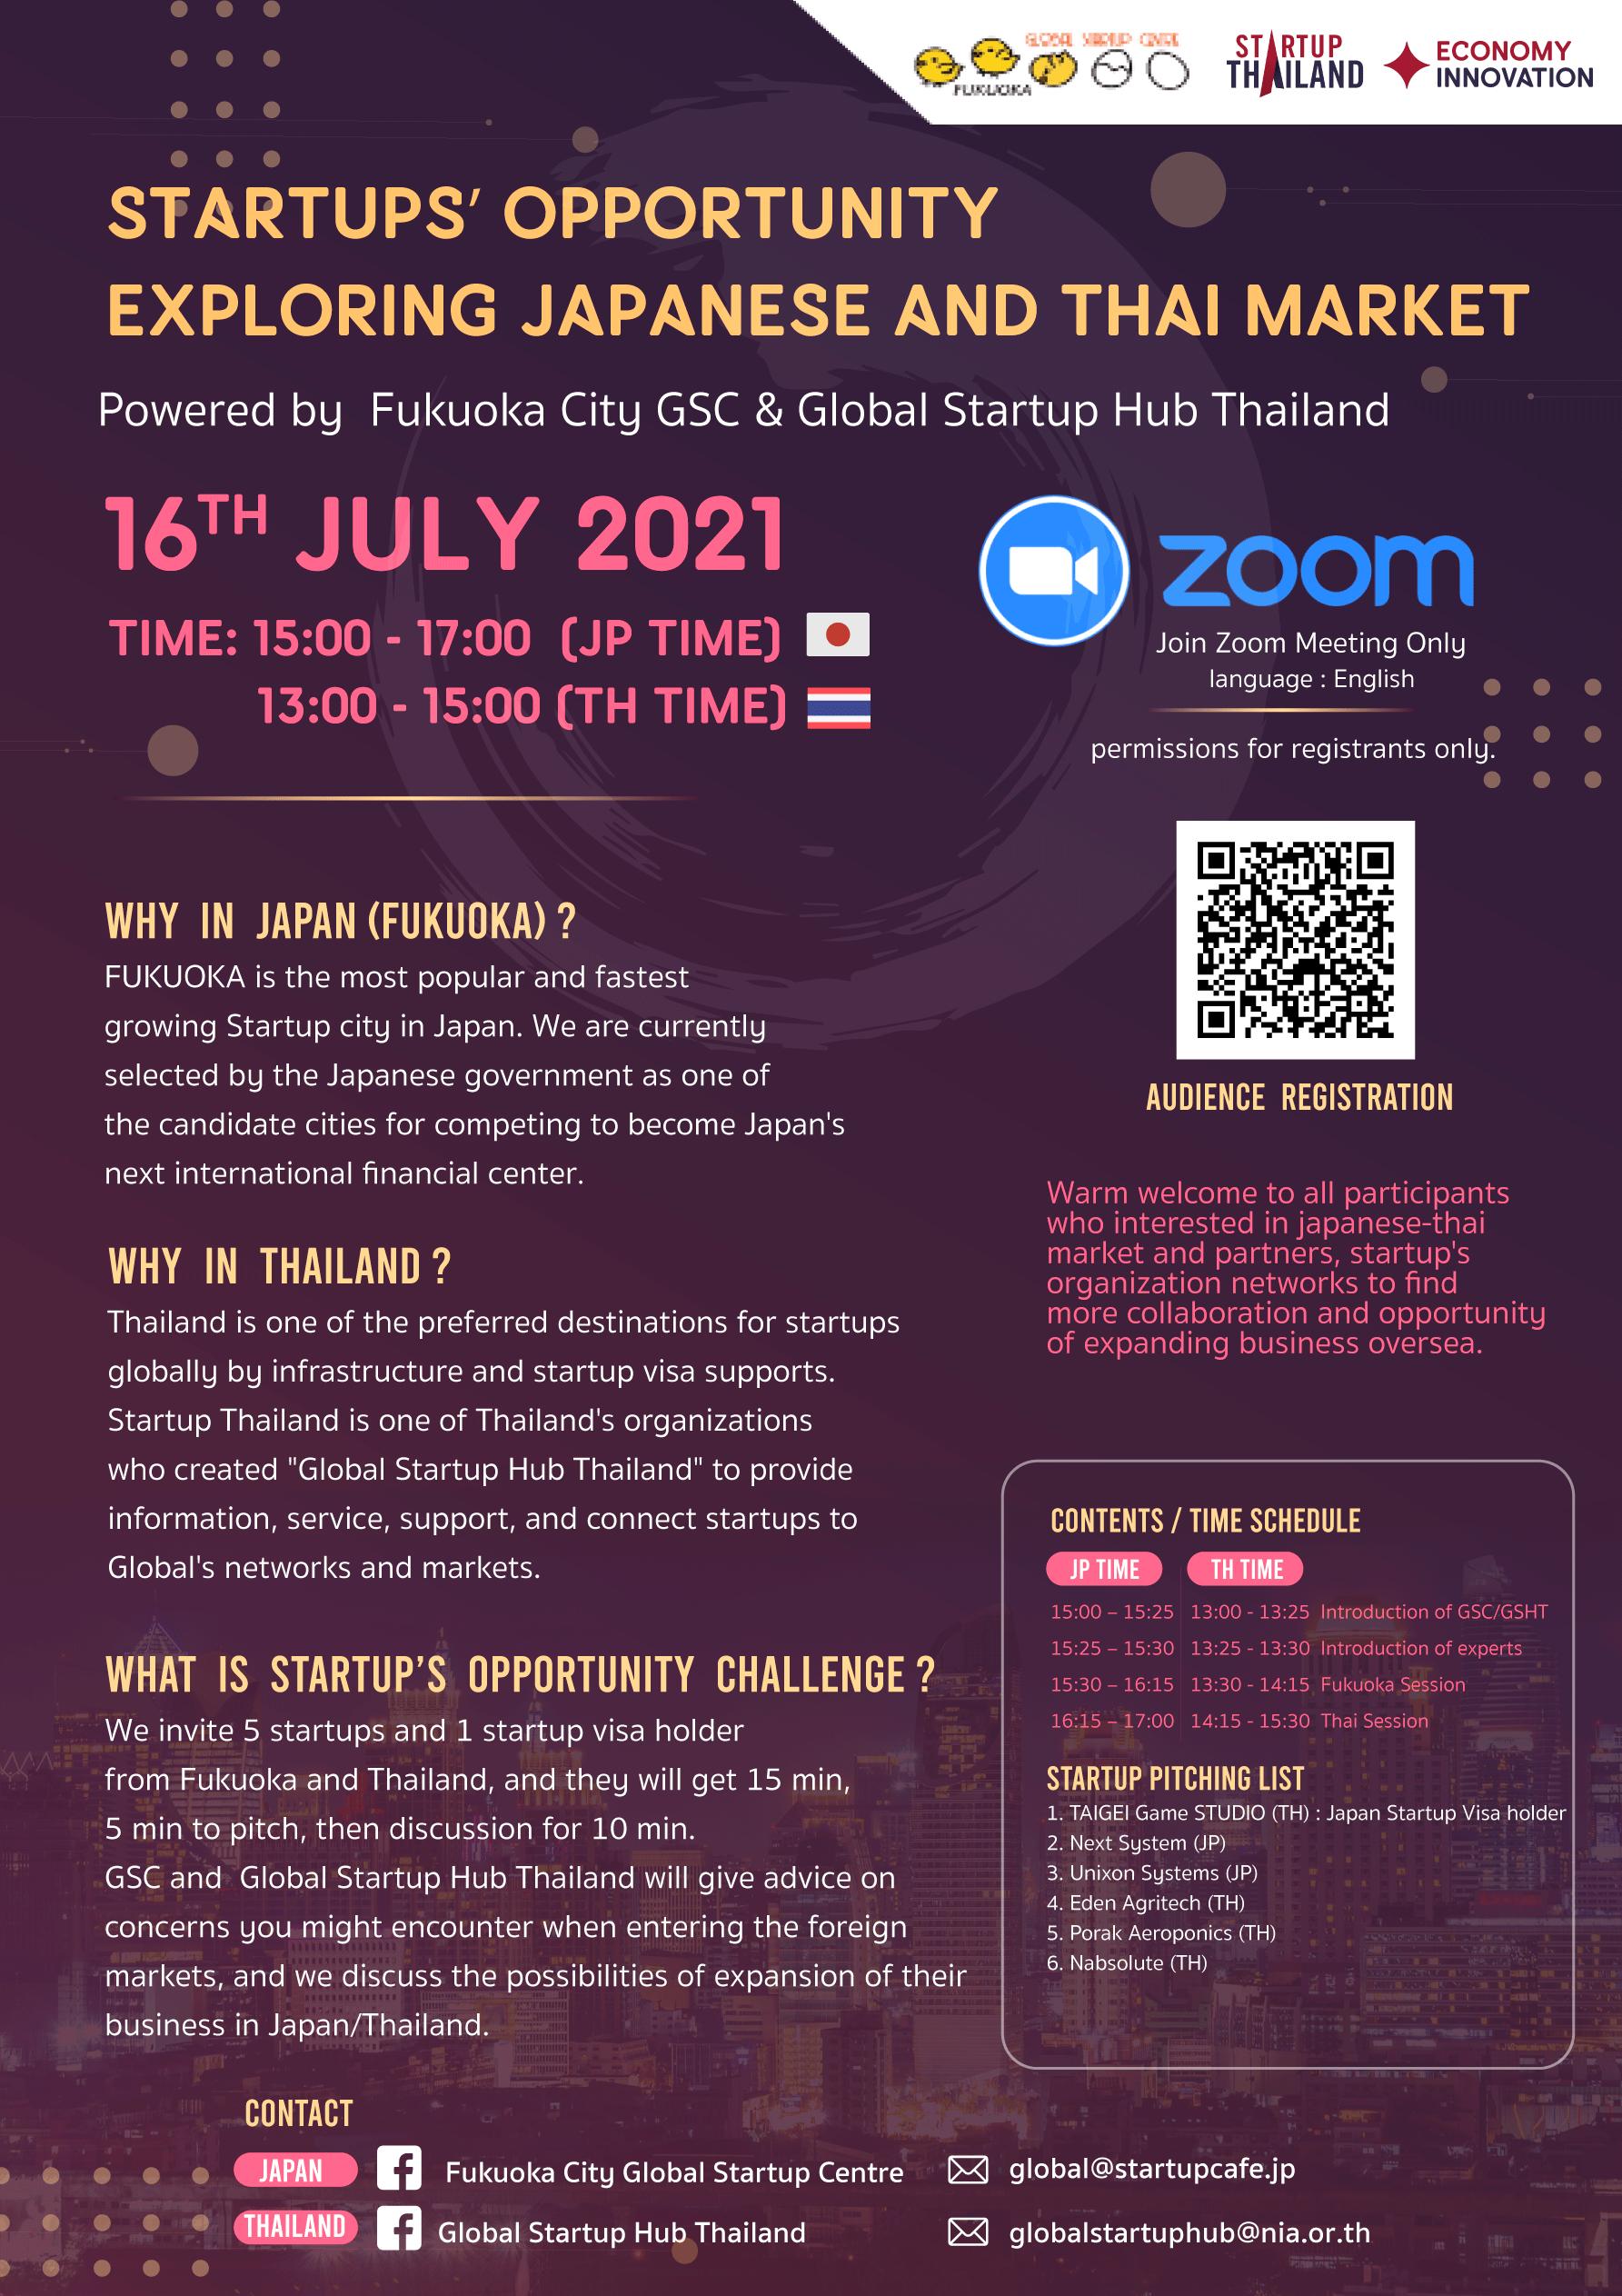 「タイ×福岡市」 オンラインイベント開催のお知らせ